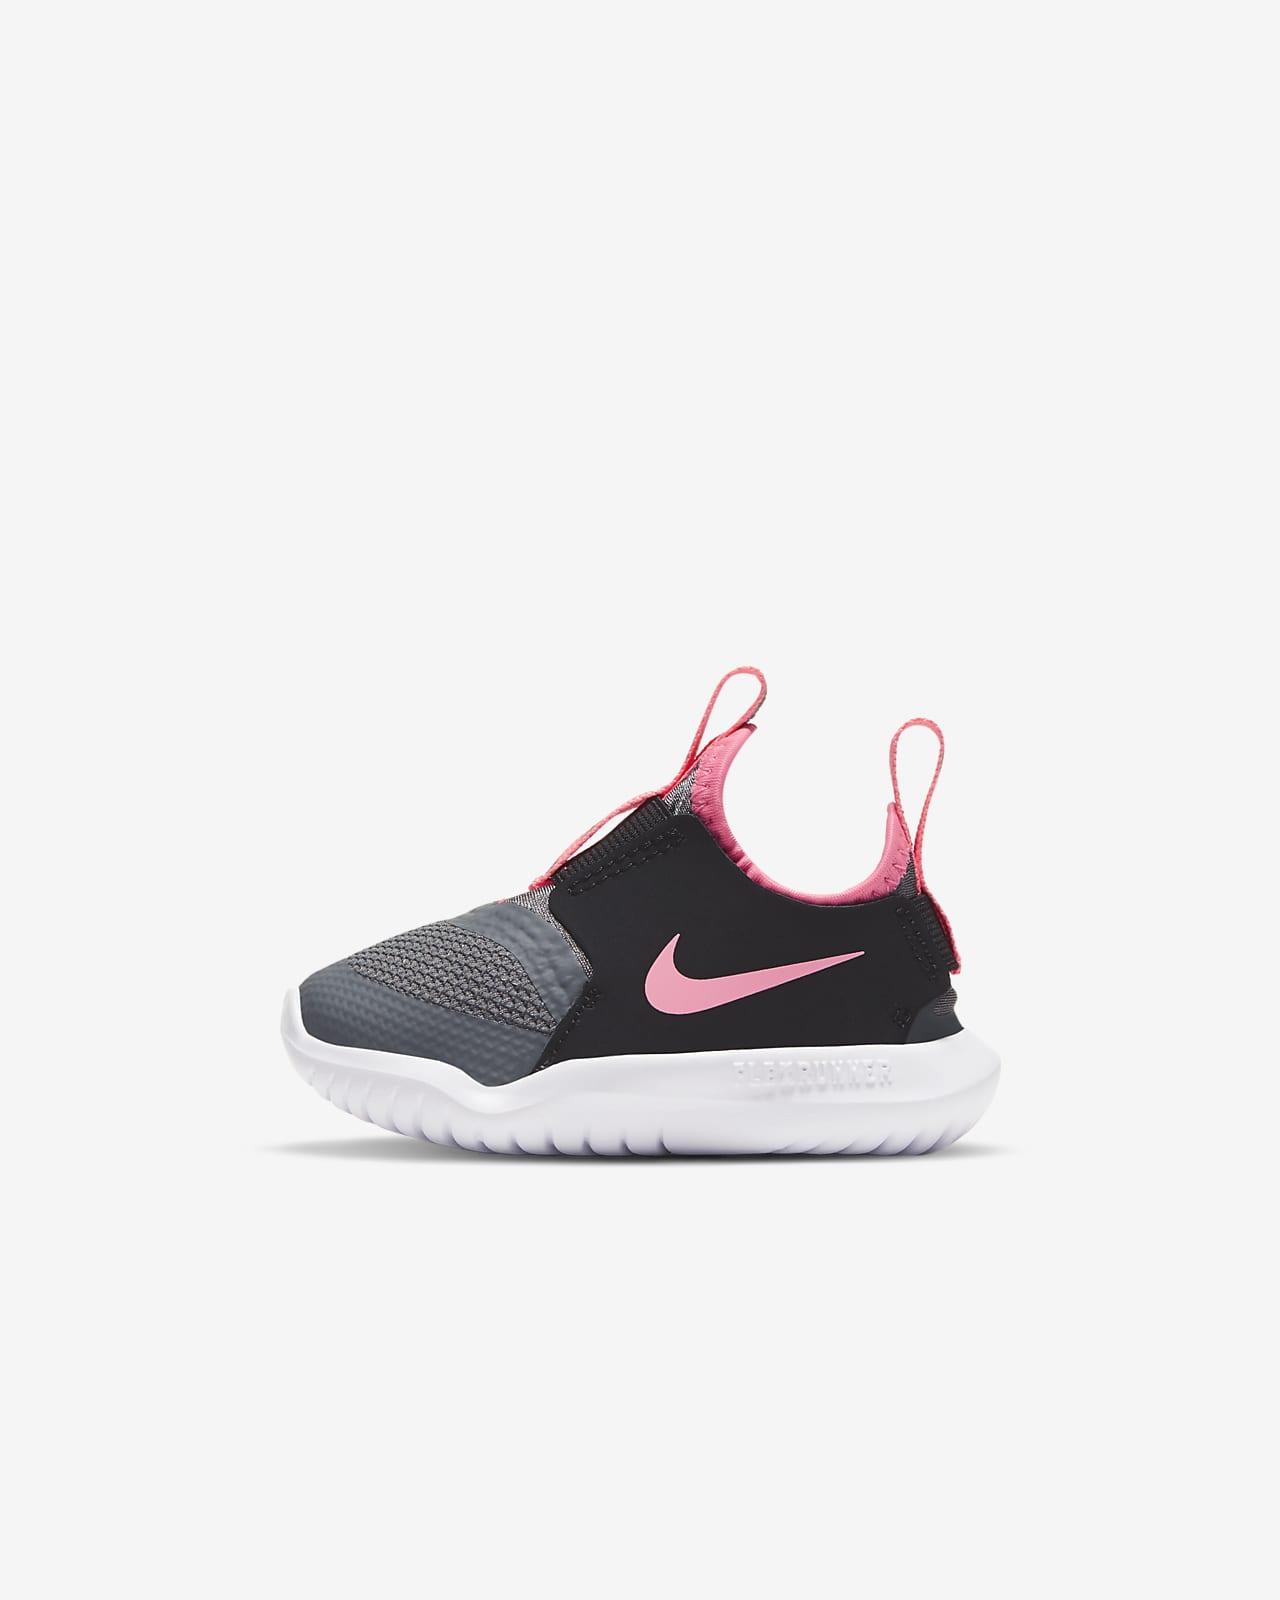 Sko Nike Flex Runner för baby/små barn